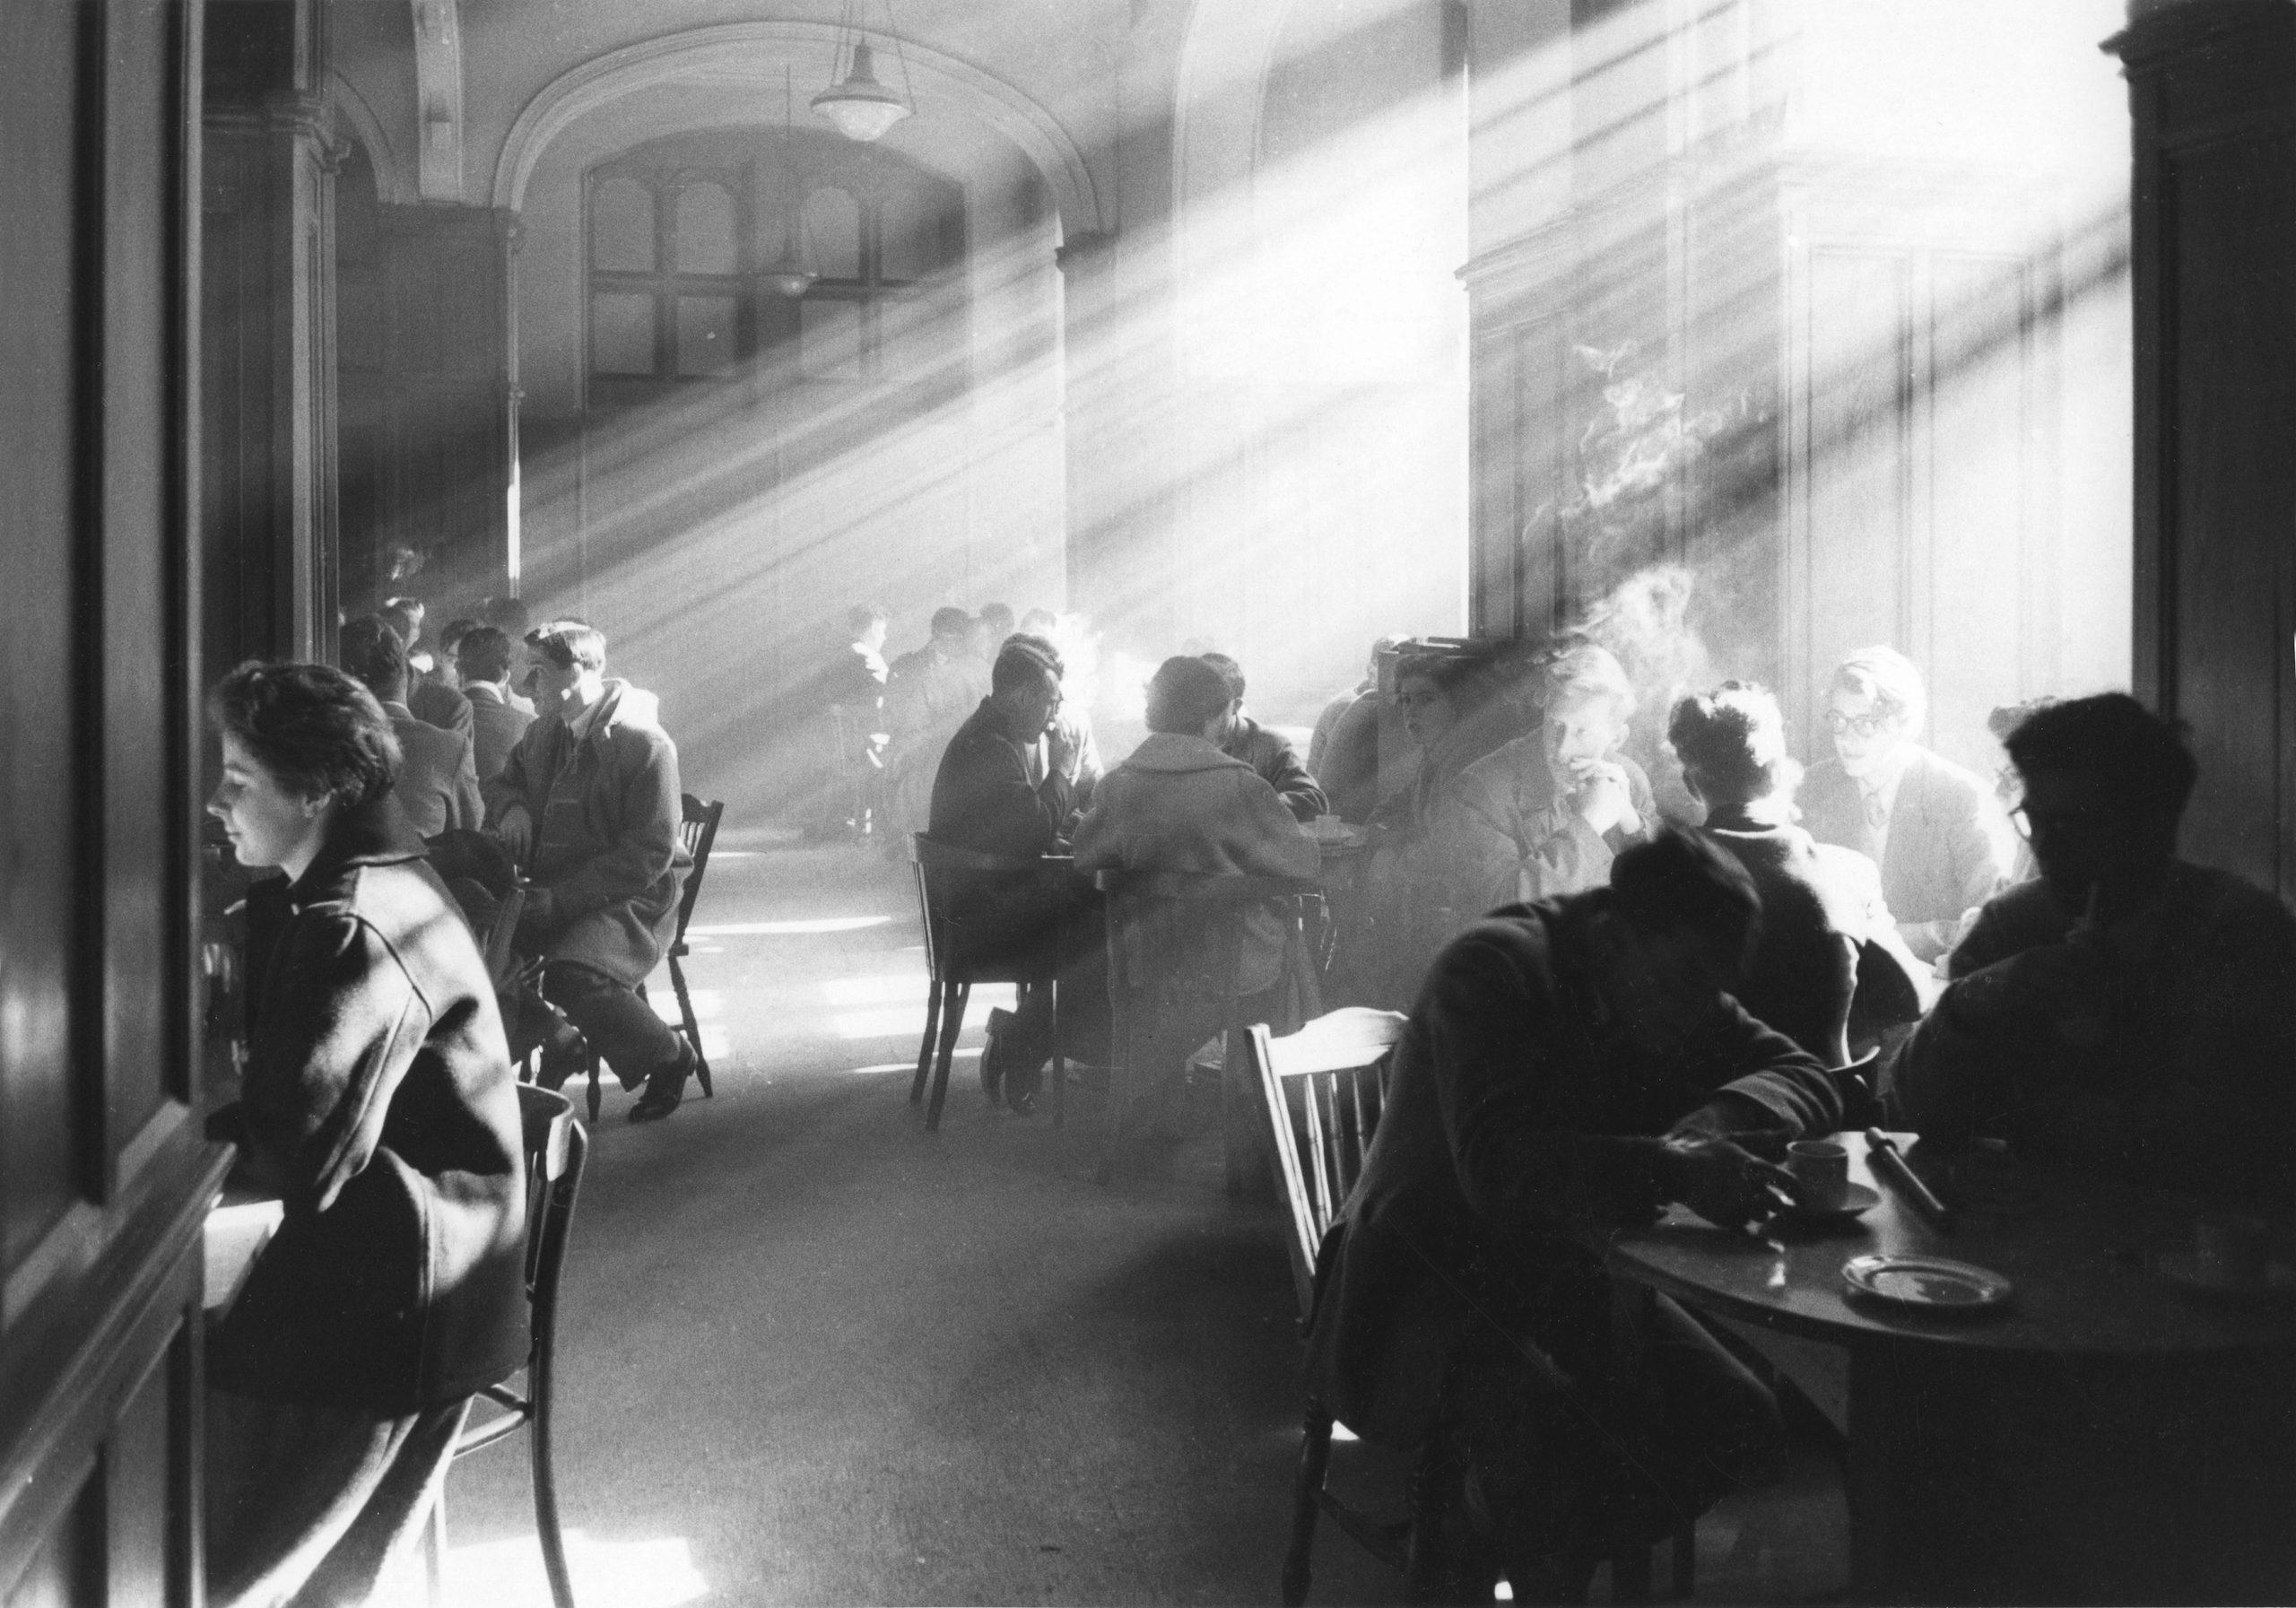 fotografia su pellicola in bianco e nero dell'Università di Edimburgo, Scozia, 1961 di Robert Blomfield